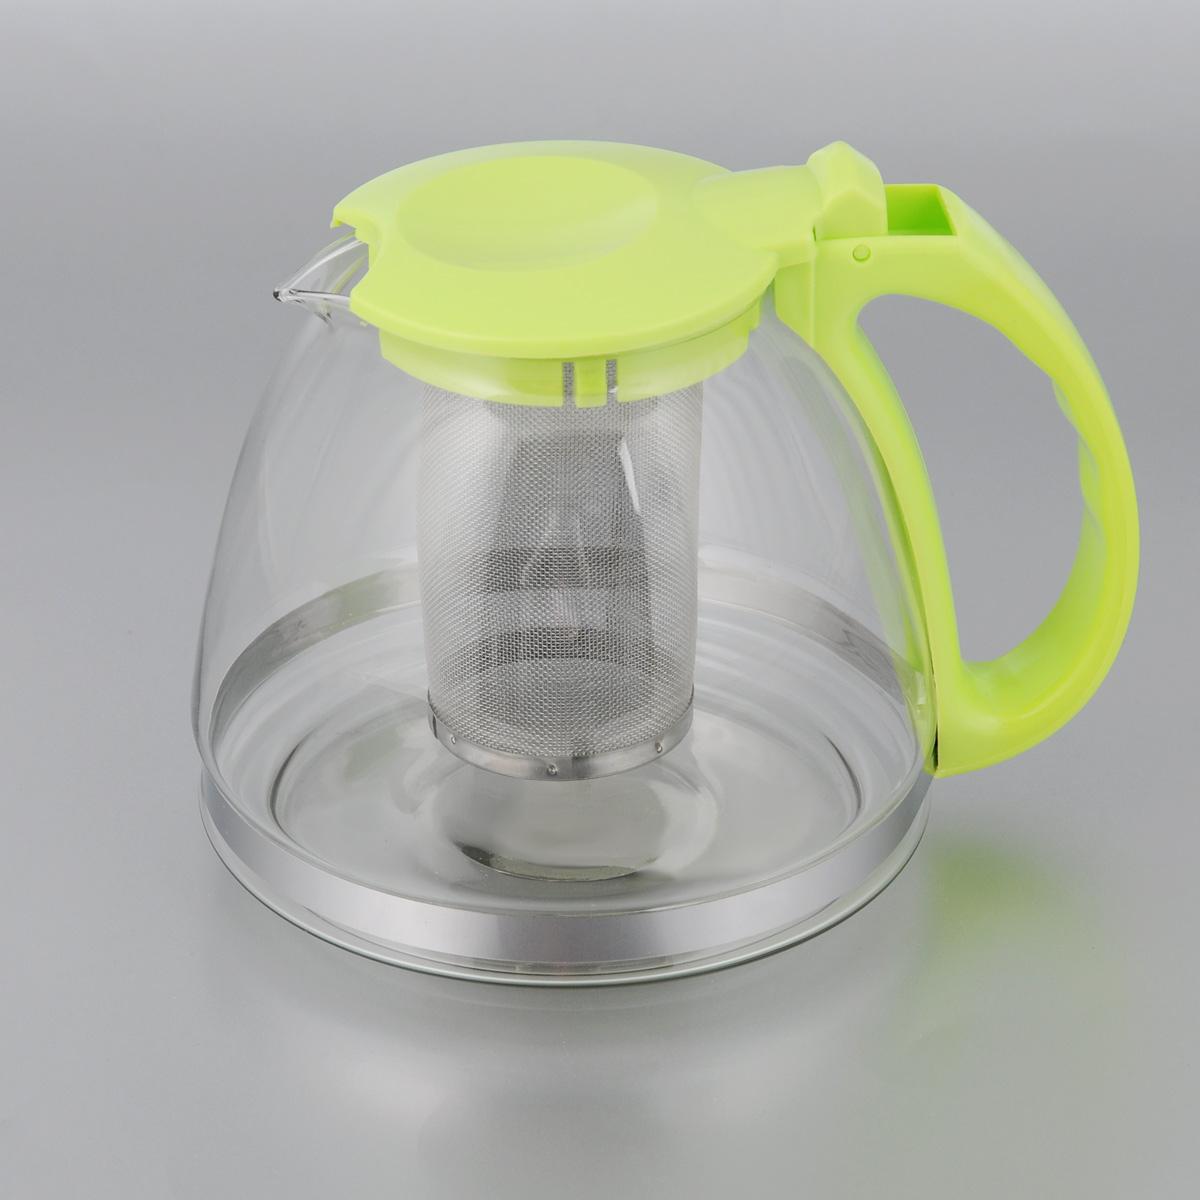 Чайник заварочный МФК-профит, с фильтром, цвет: светло-зеленый, 1,3 л1812-01Заварочный чайник МФК-профит, изготовленный из термостойкого стекла и полипропилена, предоставит вам все необходимые возможности для успешного заваривания чая. Чай в таком чайнике дольше остается горячим, а полезные и ароматические вещества полностью сохраняются в напитке. Чайник оснащен фильтром, который выполнен из нержавеющей стали. Простой и удобный чайник поможет вам приготовить крепкий, ароматный чай.Нельзя мыть в посудомоечной машине. Не использовать в микроволновой печи.Диаметр чайника (по верхнему краю): 7,5 см.Высота чайника (без учета крышки): 13 см.Высота фильтра: 10 см.